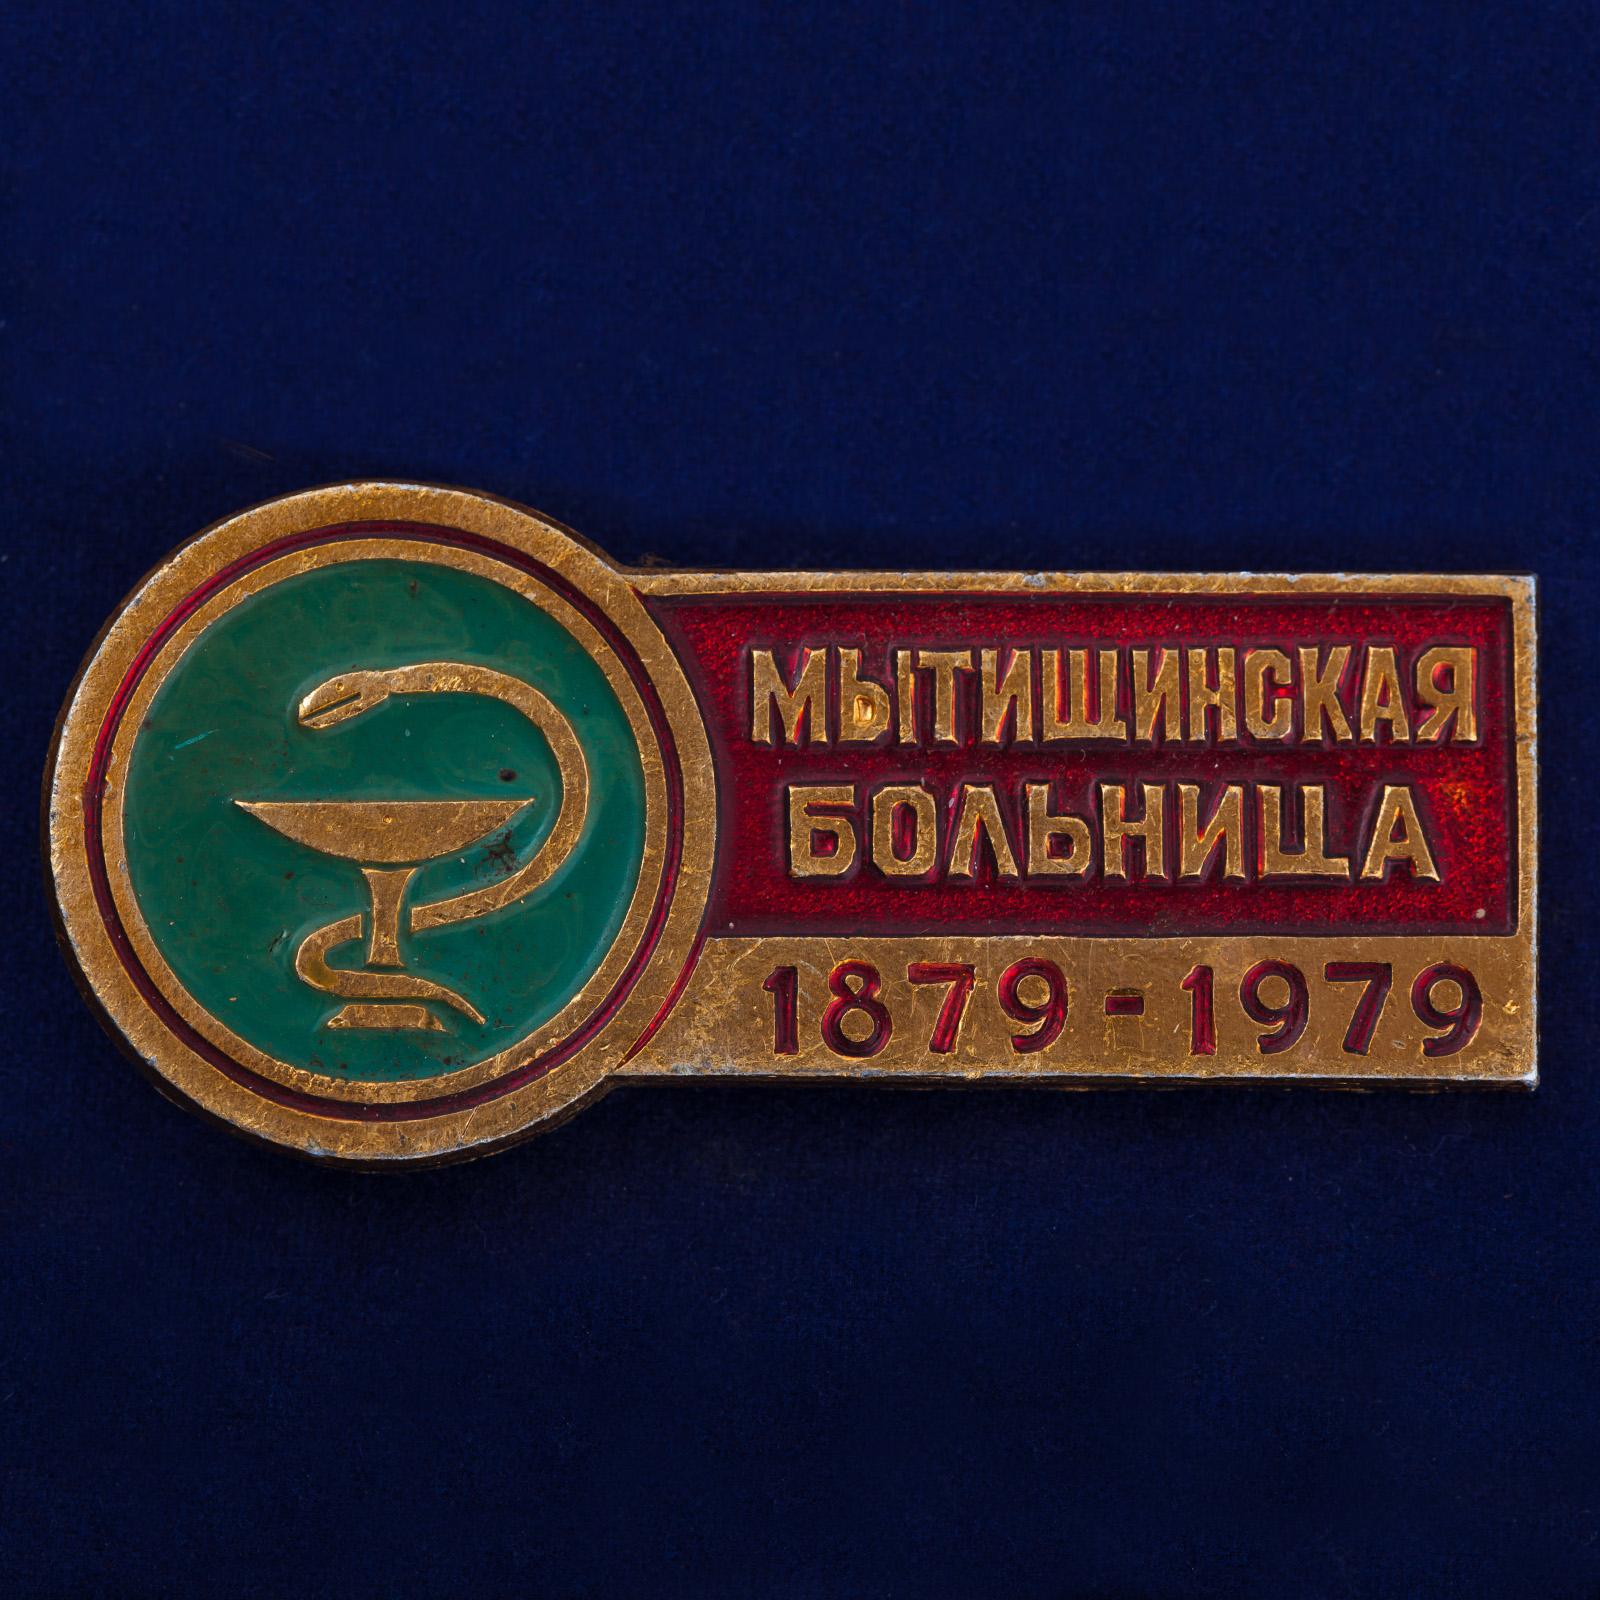 Значок к 100-летию Мытищинской больницы